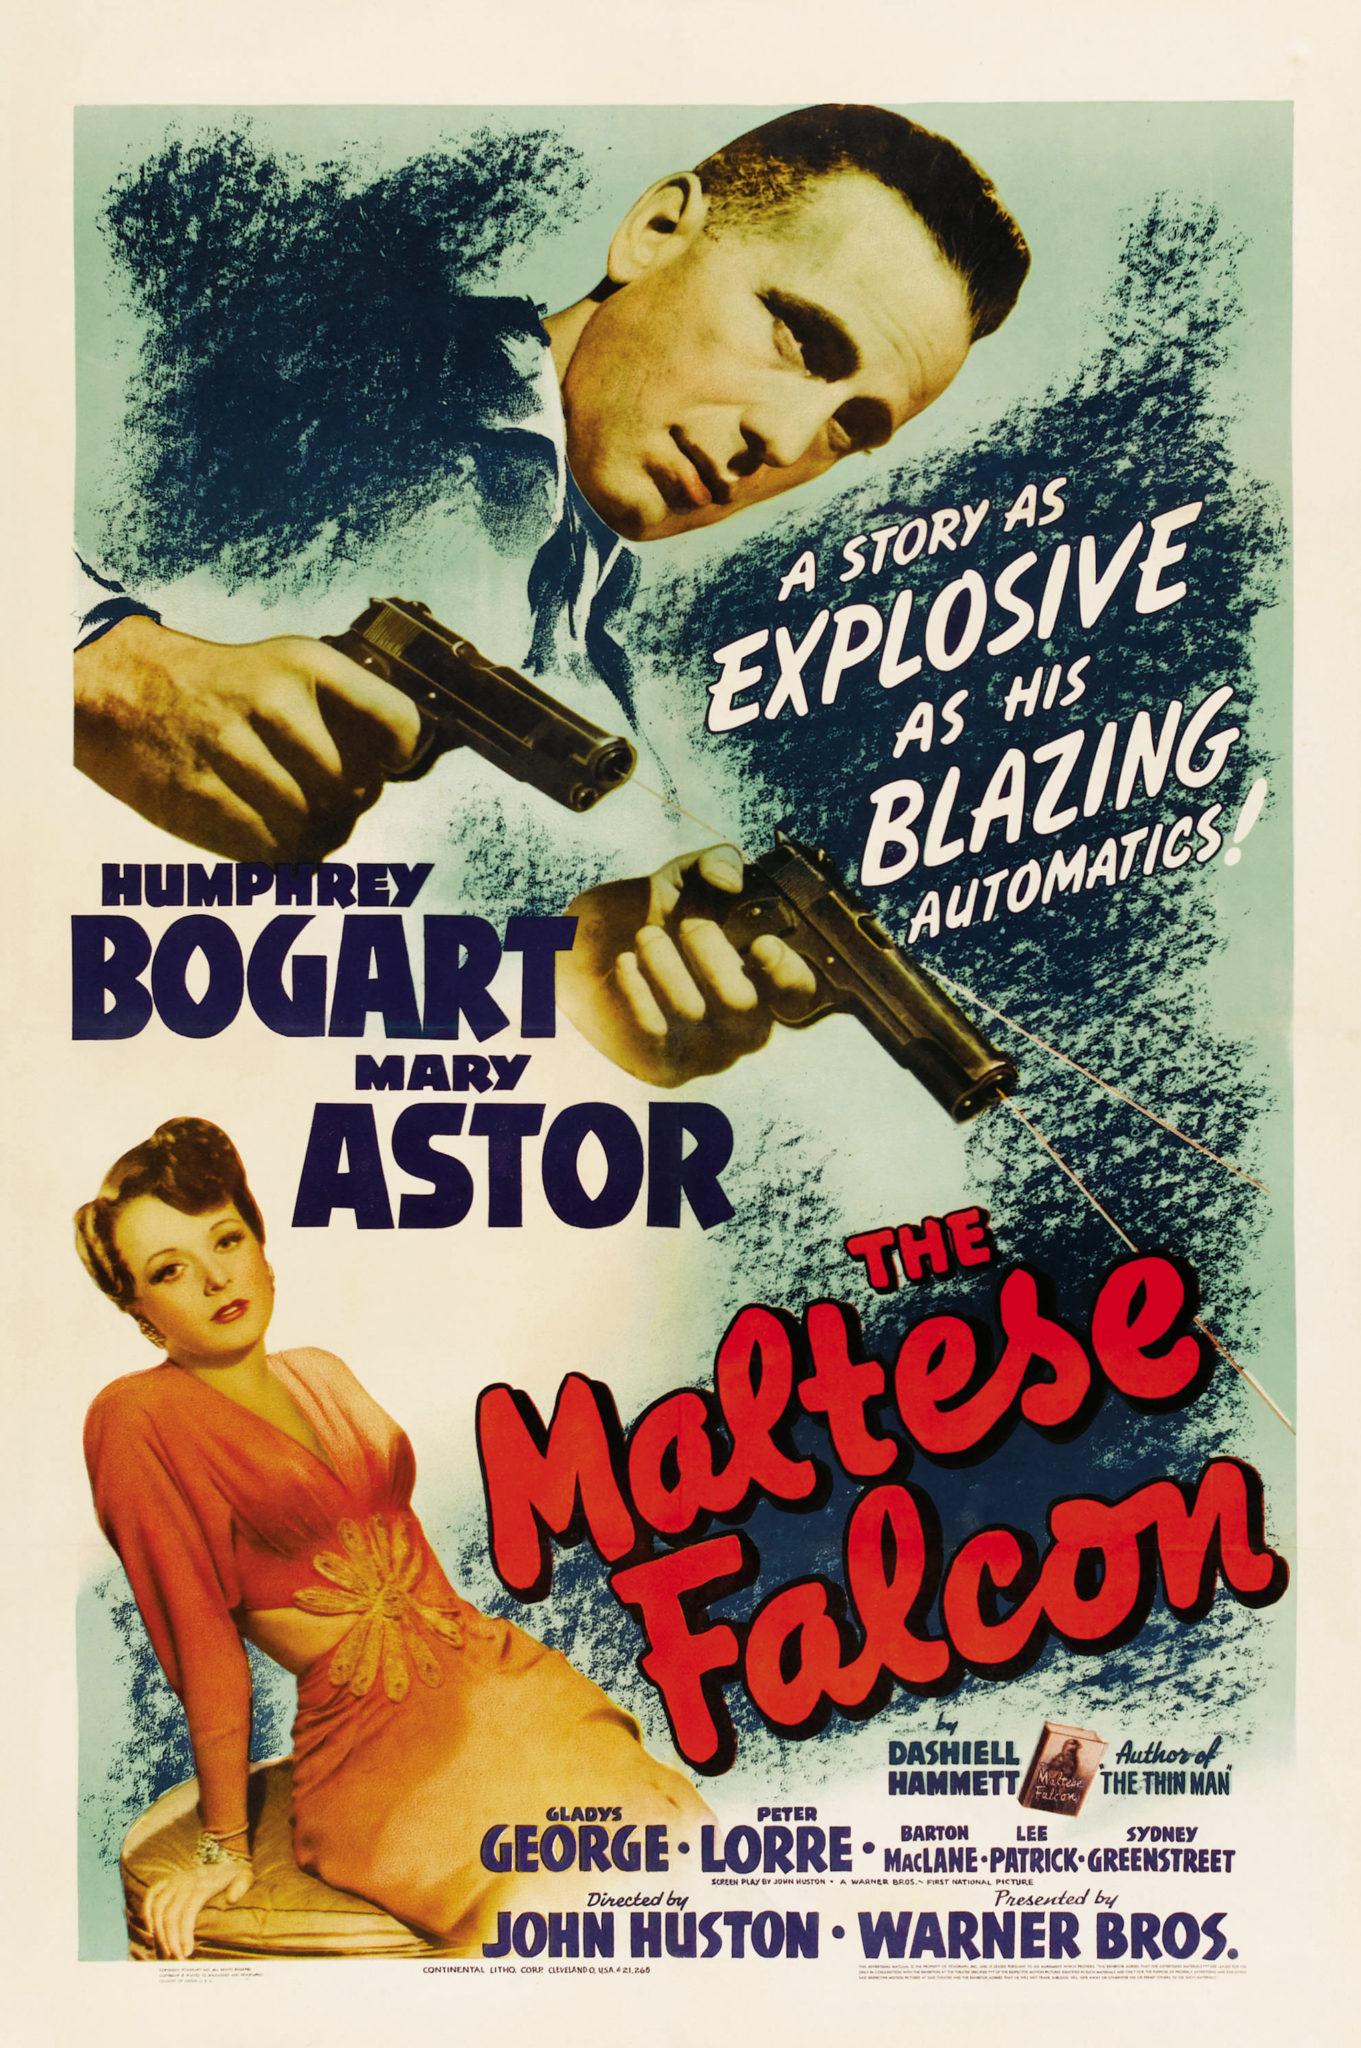 maltese flacon poster